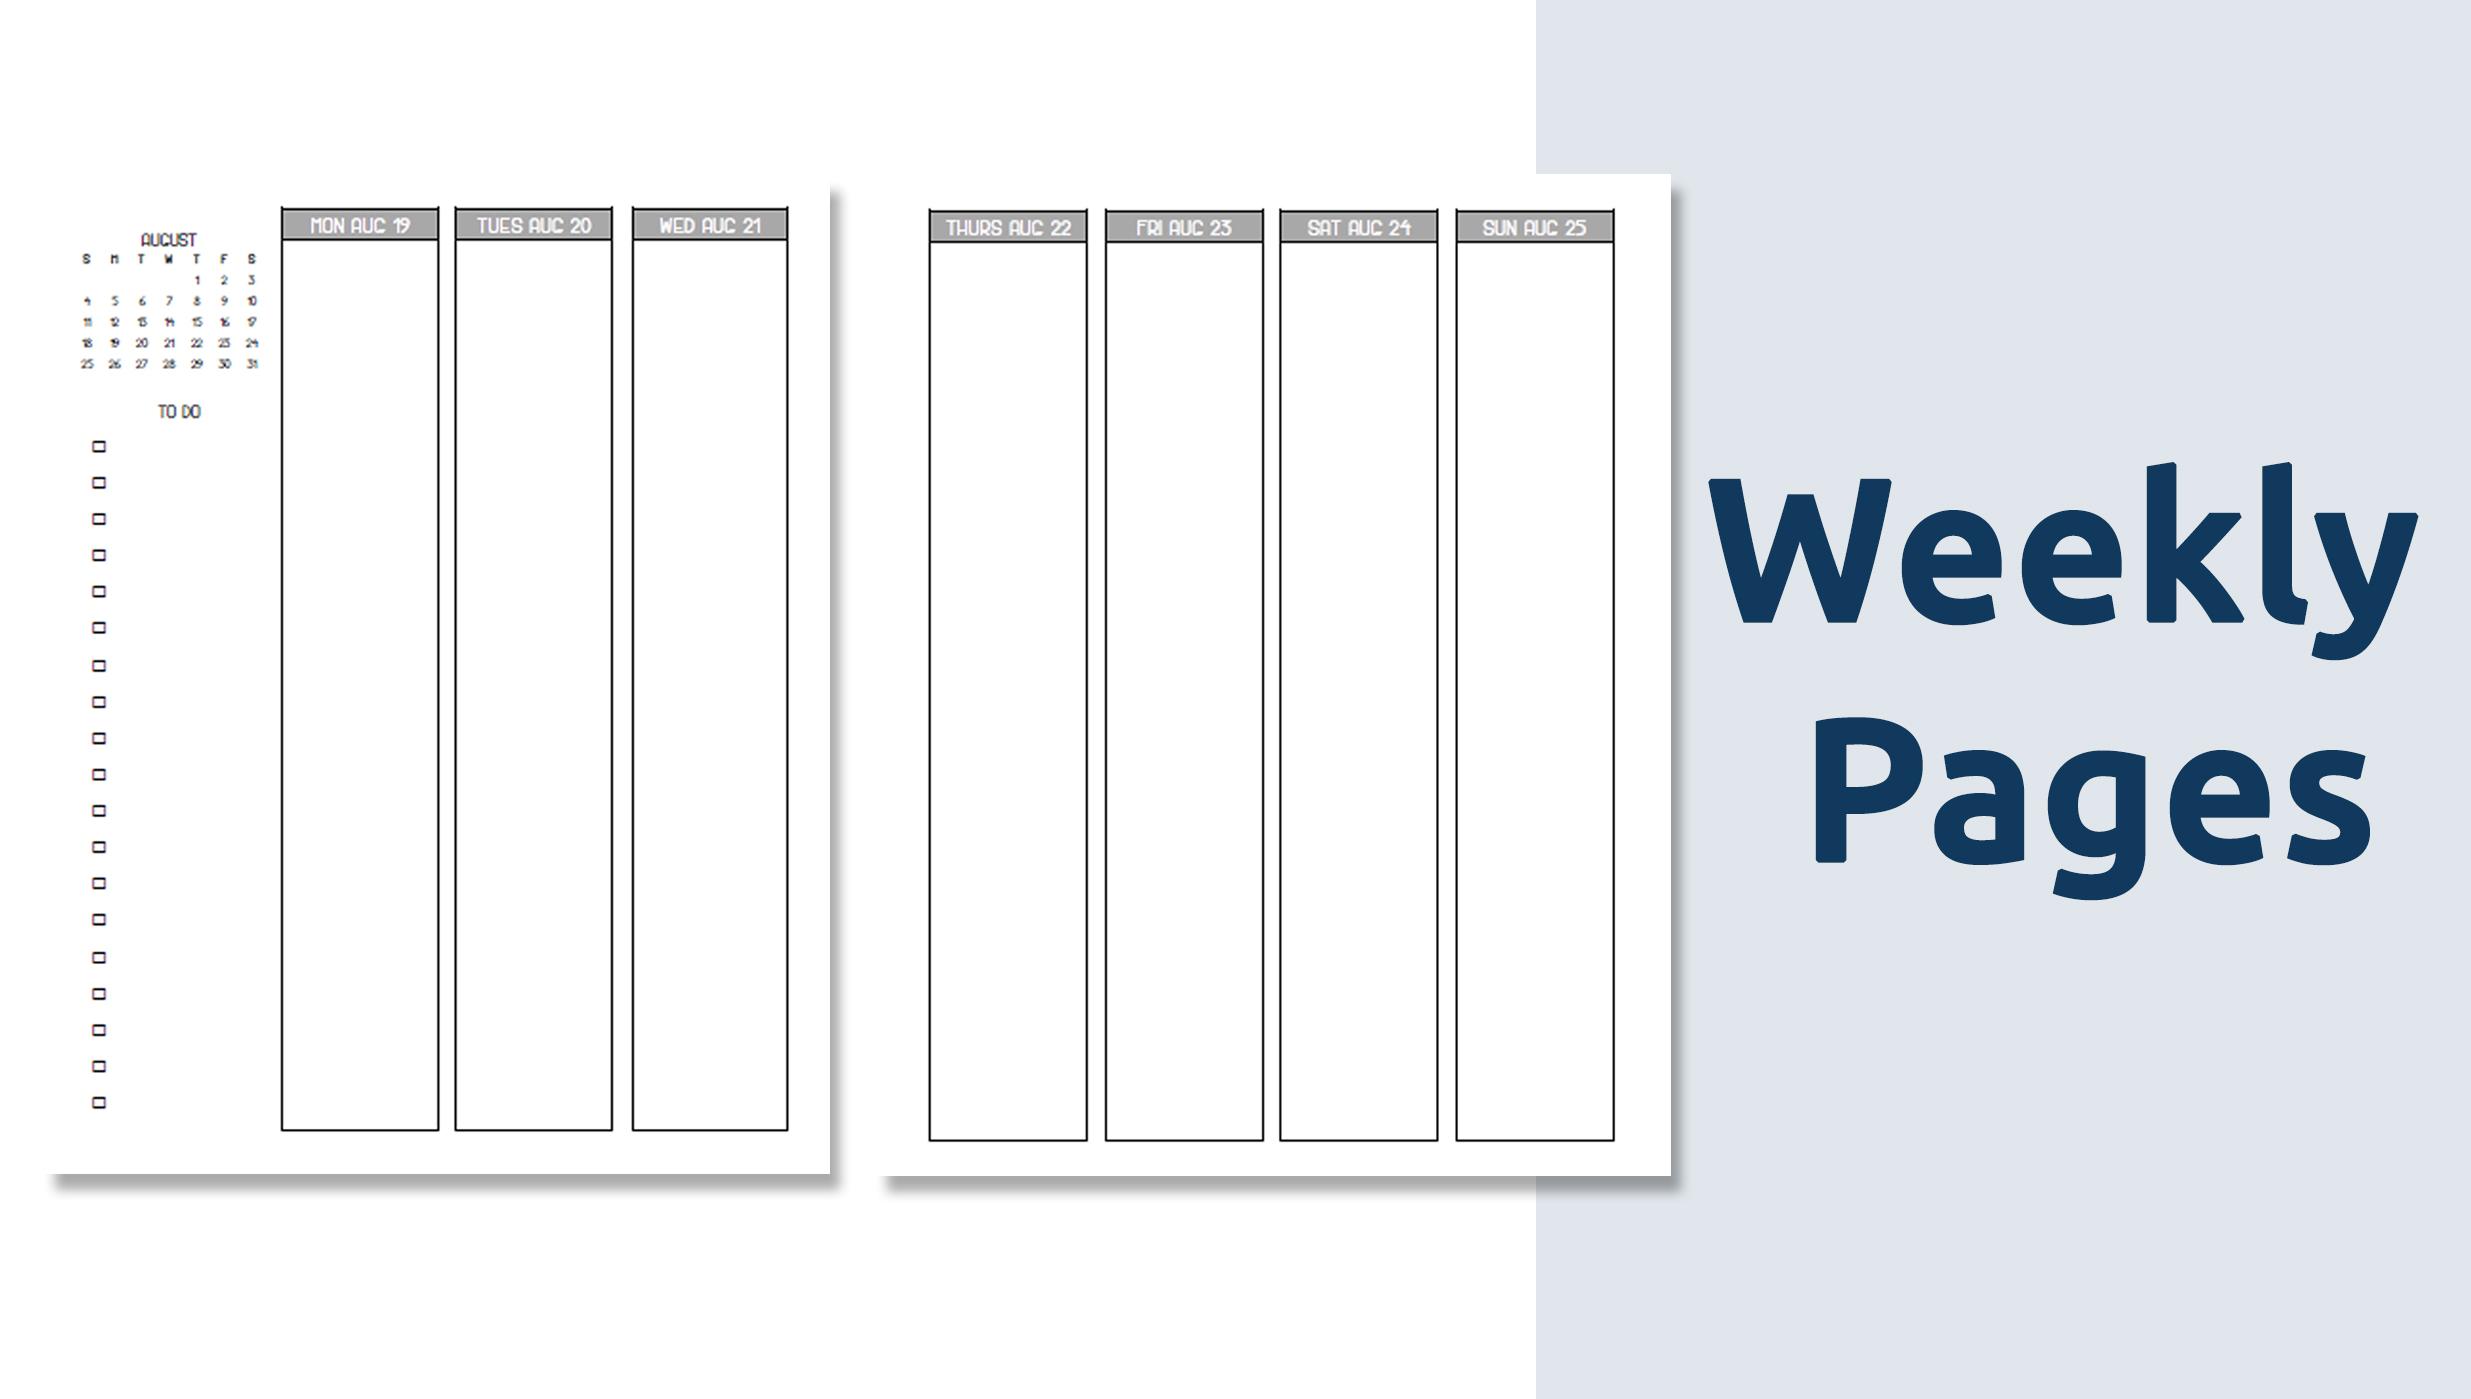 HP - Weekly Pgs.jpg